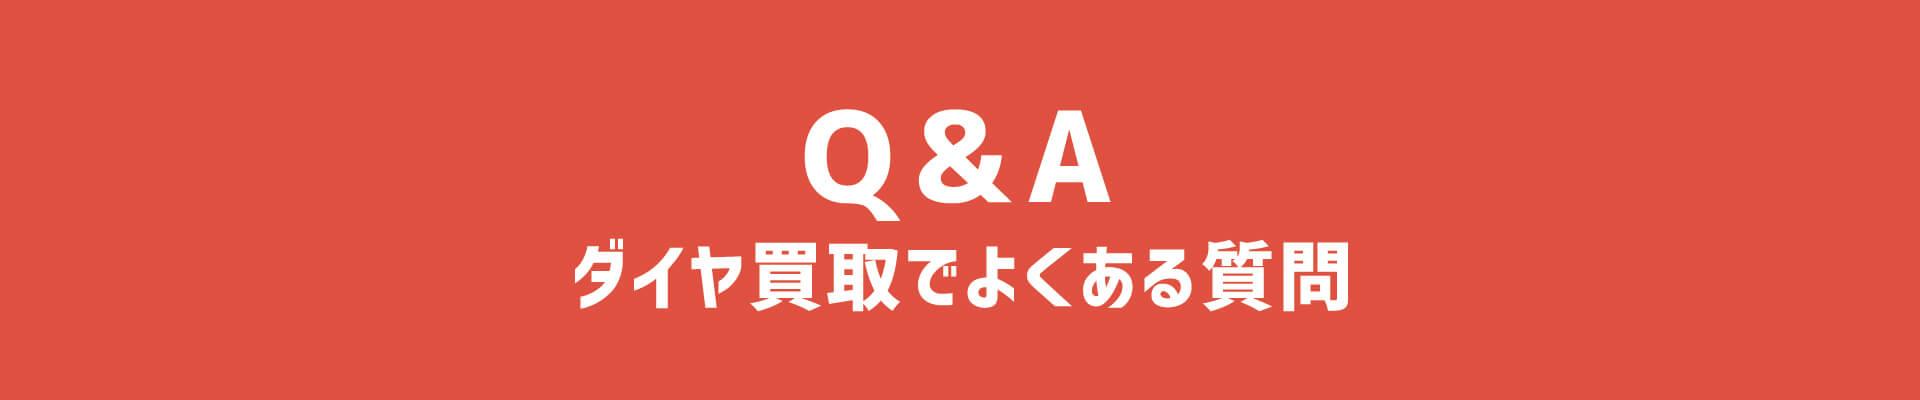 Q&Aダイヤメインヴィジュアル (1)